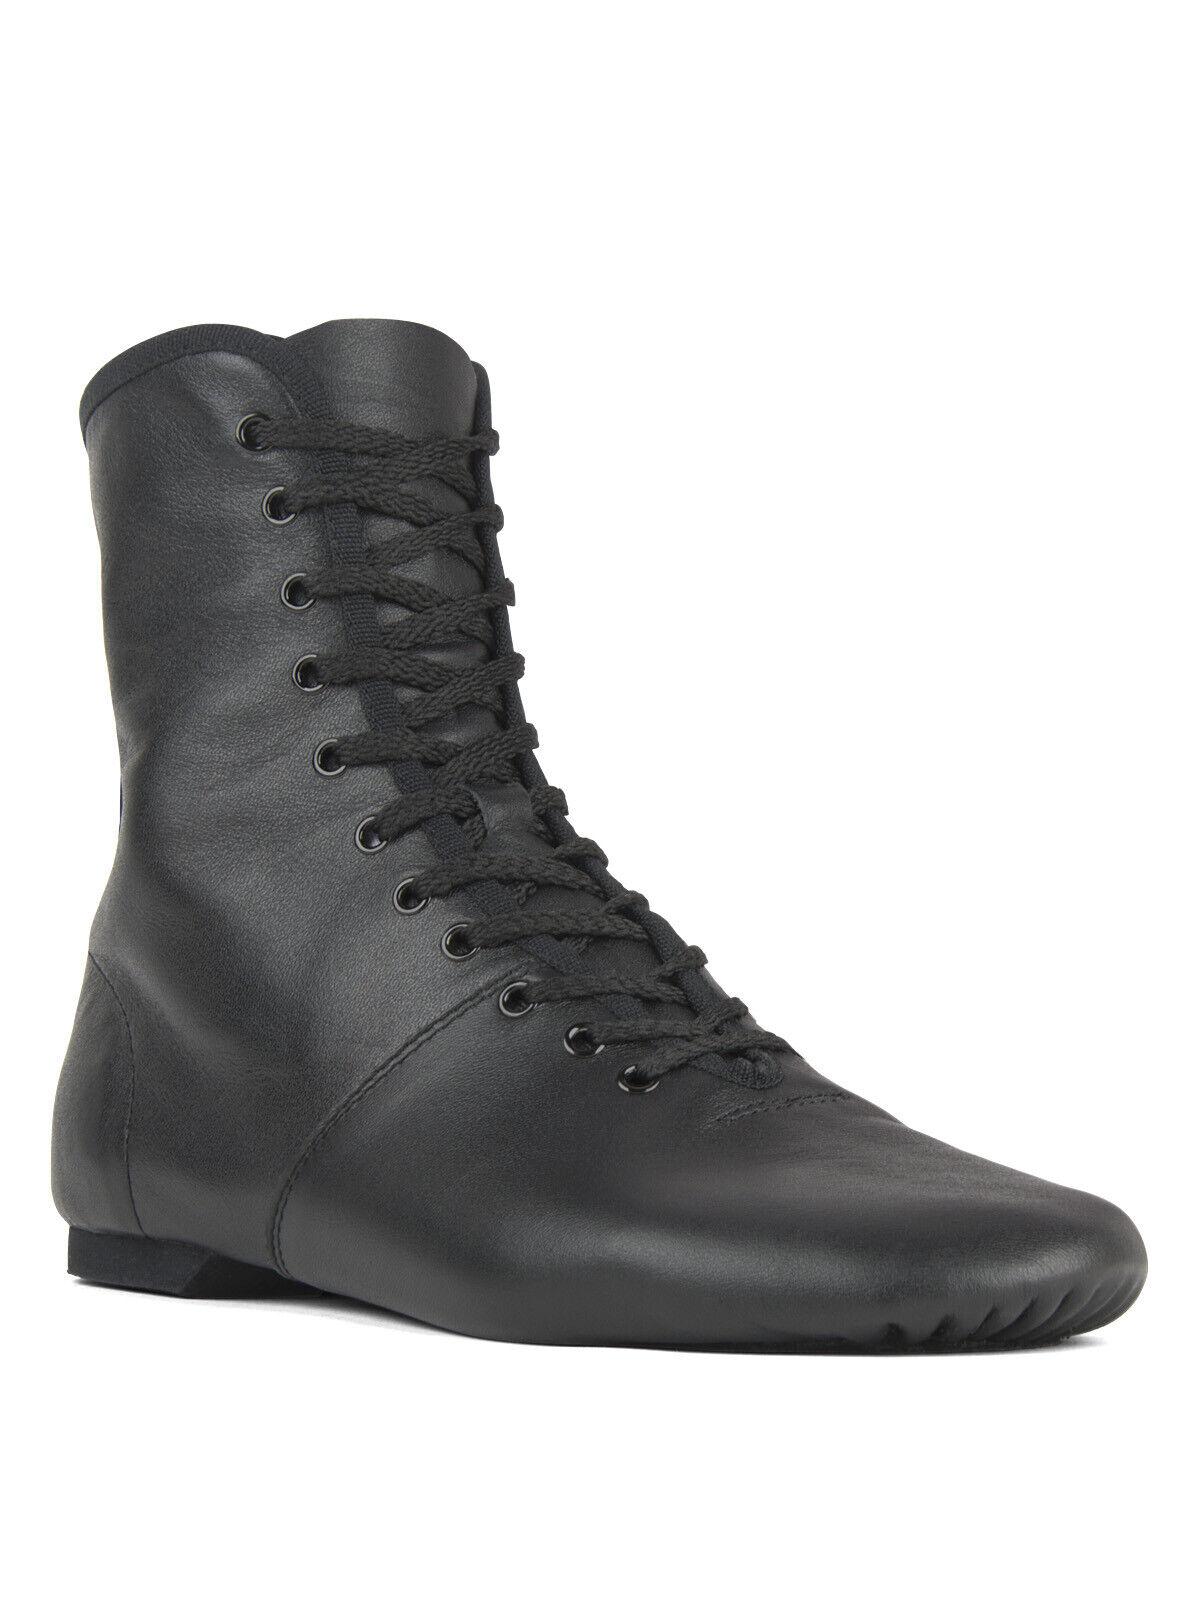 Rumpf 1292 Jazz Karneval Garde Stiefel Tanz Schuh Leder geteilte Sohle schwarz